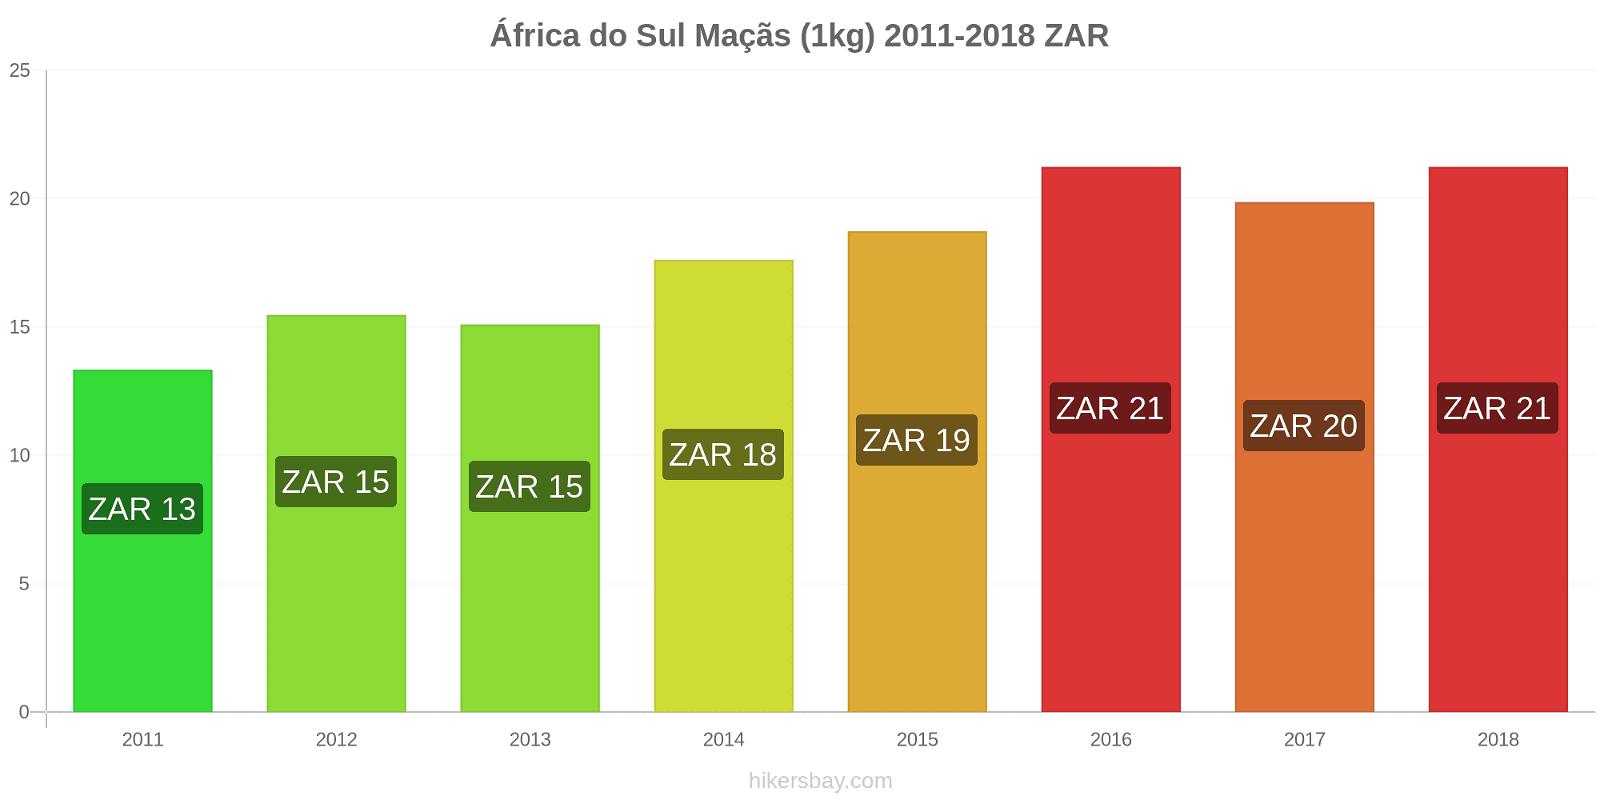 África do Sul variação de preço Maçãs (1kg) hikersbay.com